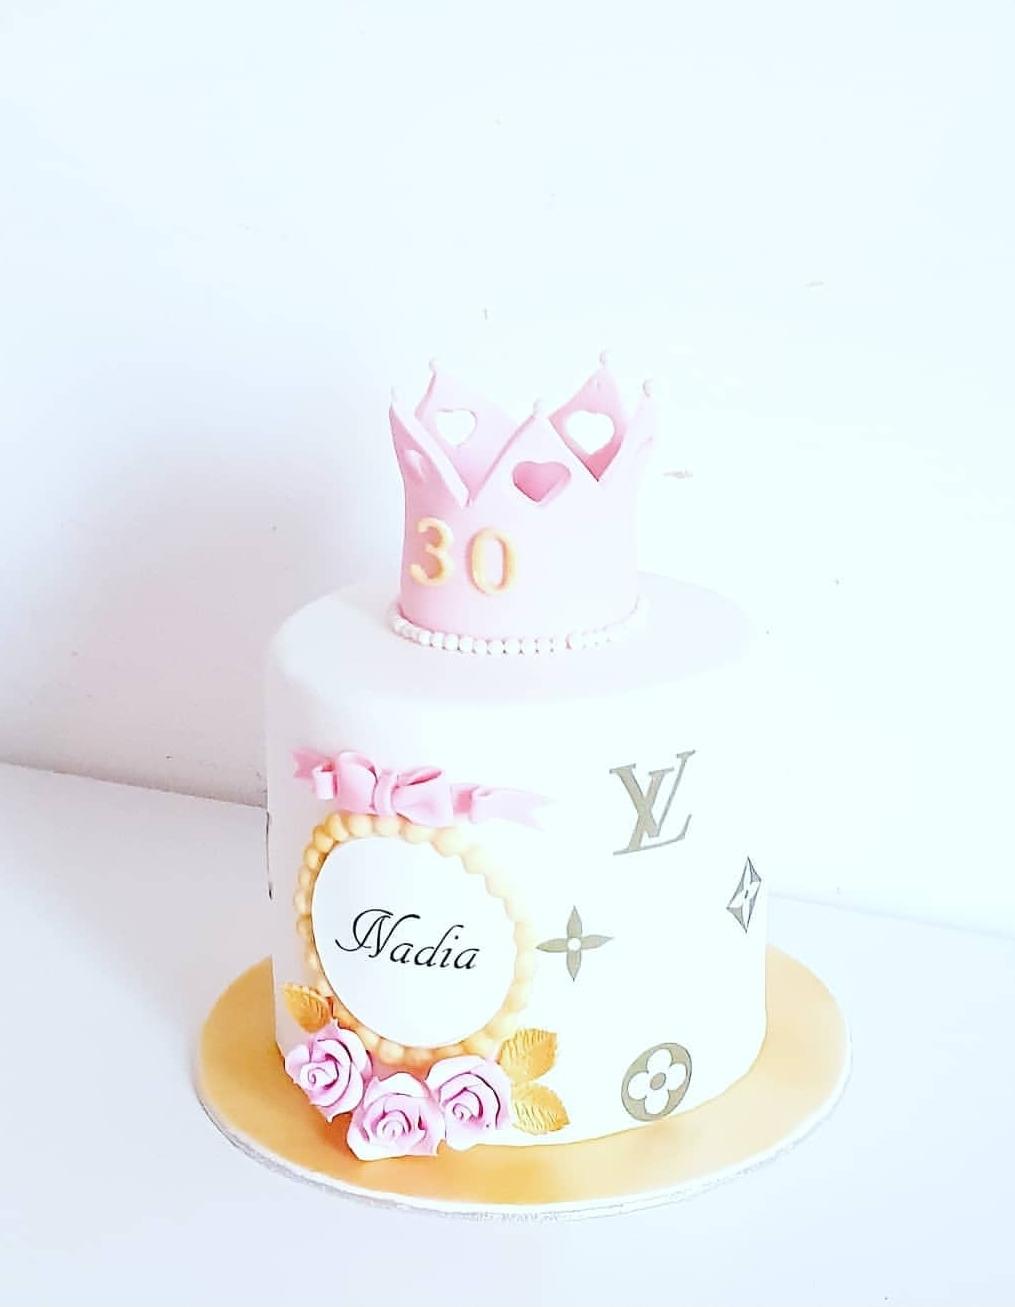 Gâteau anniversaire louis vuitton princesse